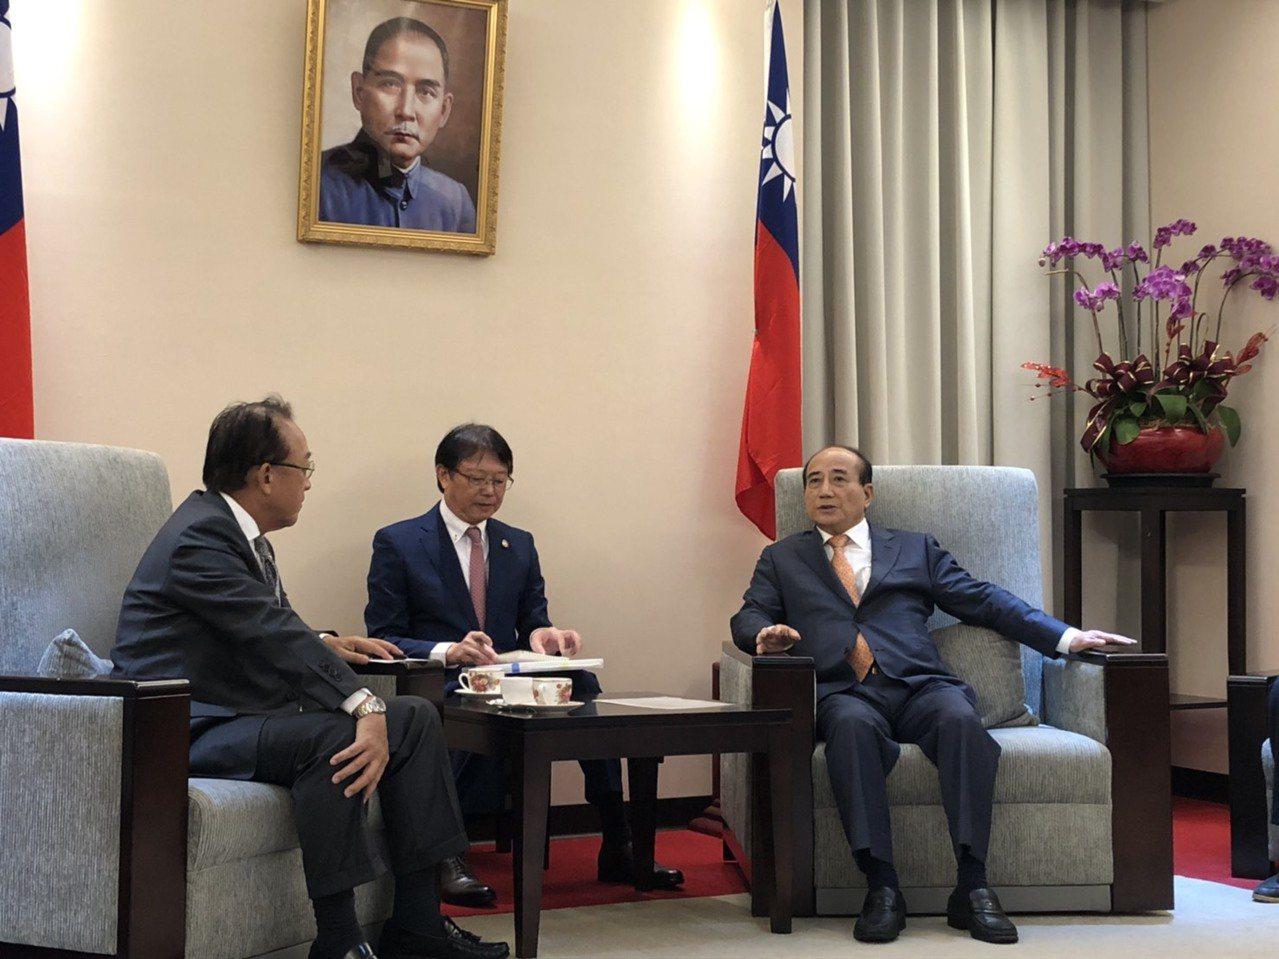 日本台灣交流協會代表沼田幹夫(左)拜會國民黨立委王金平(右)。記者張文馨/攝影